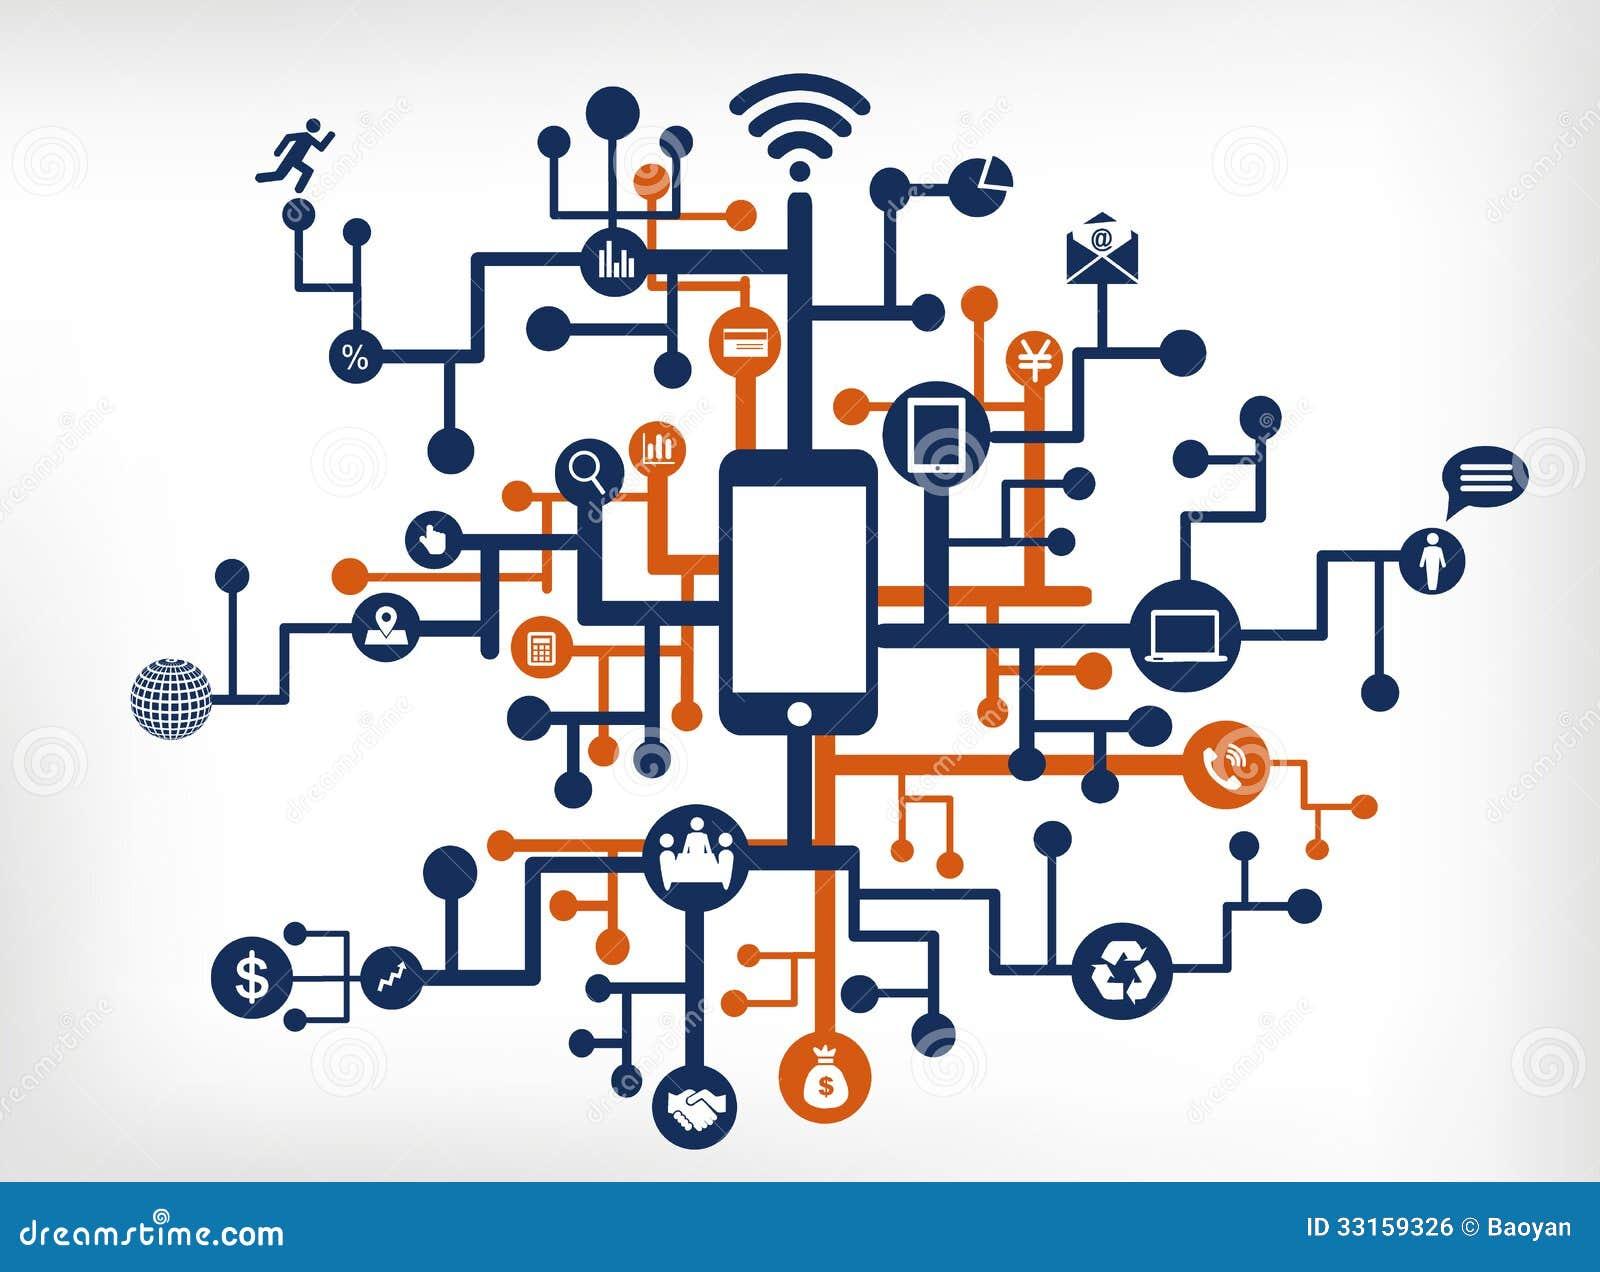 communication network royalty free stock image image